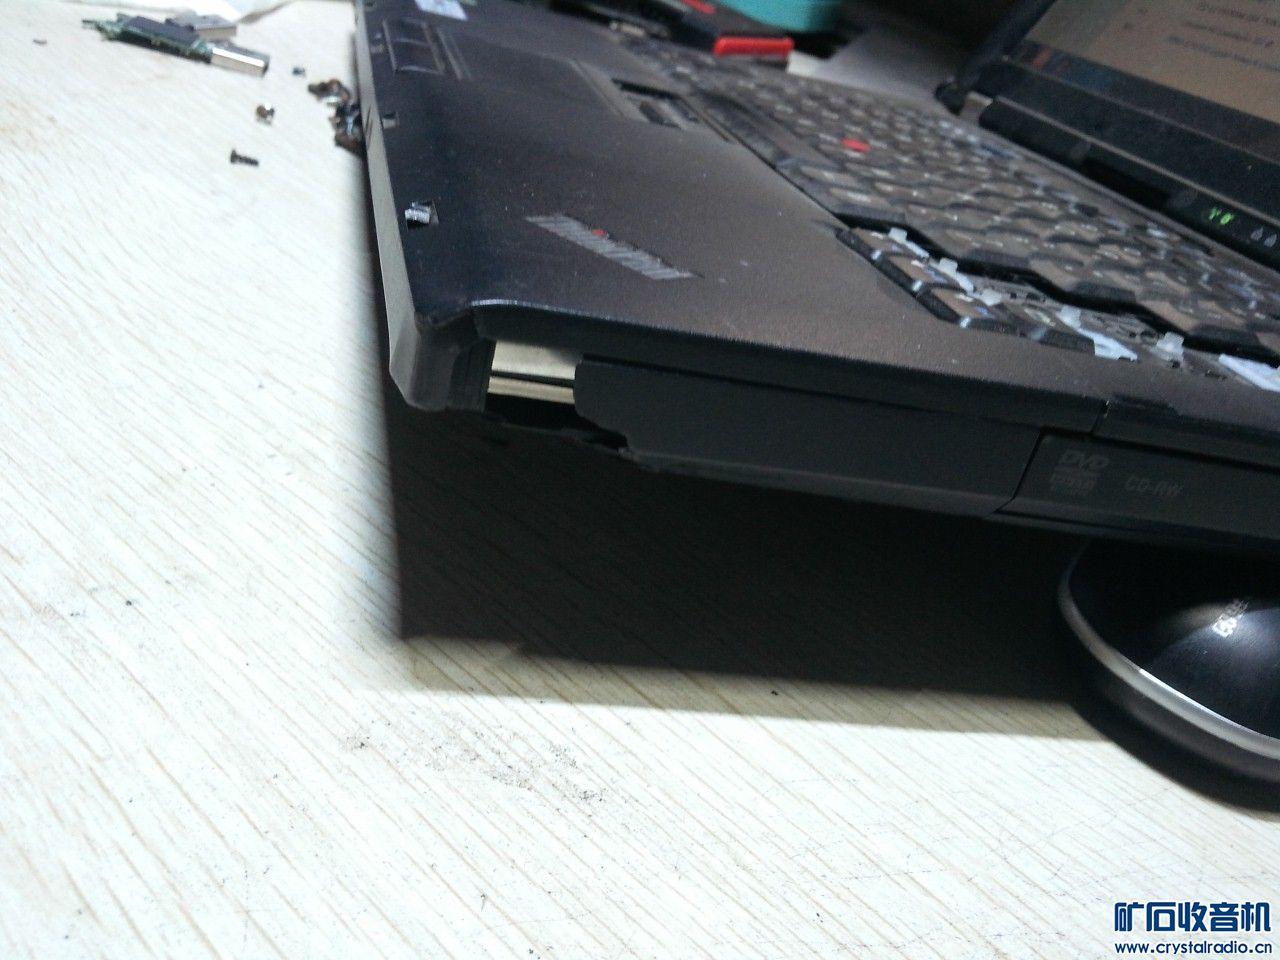 联想ThinkPad笔记本,配置如图,键盘有掉了一些(能用),硬盘处的壳破损了点,CDf有点.jpg